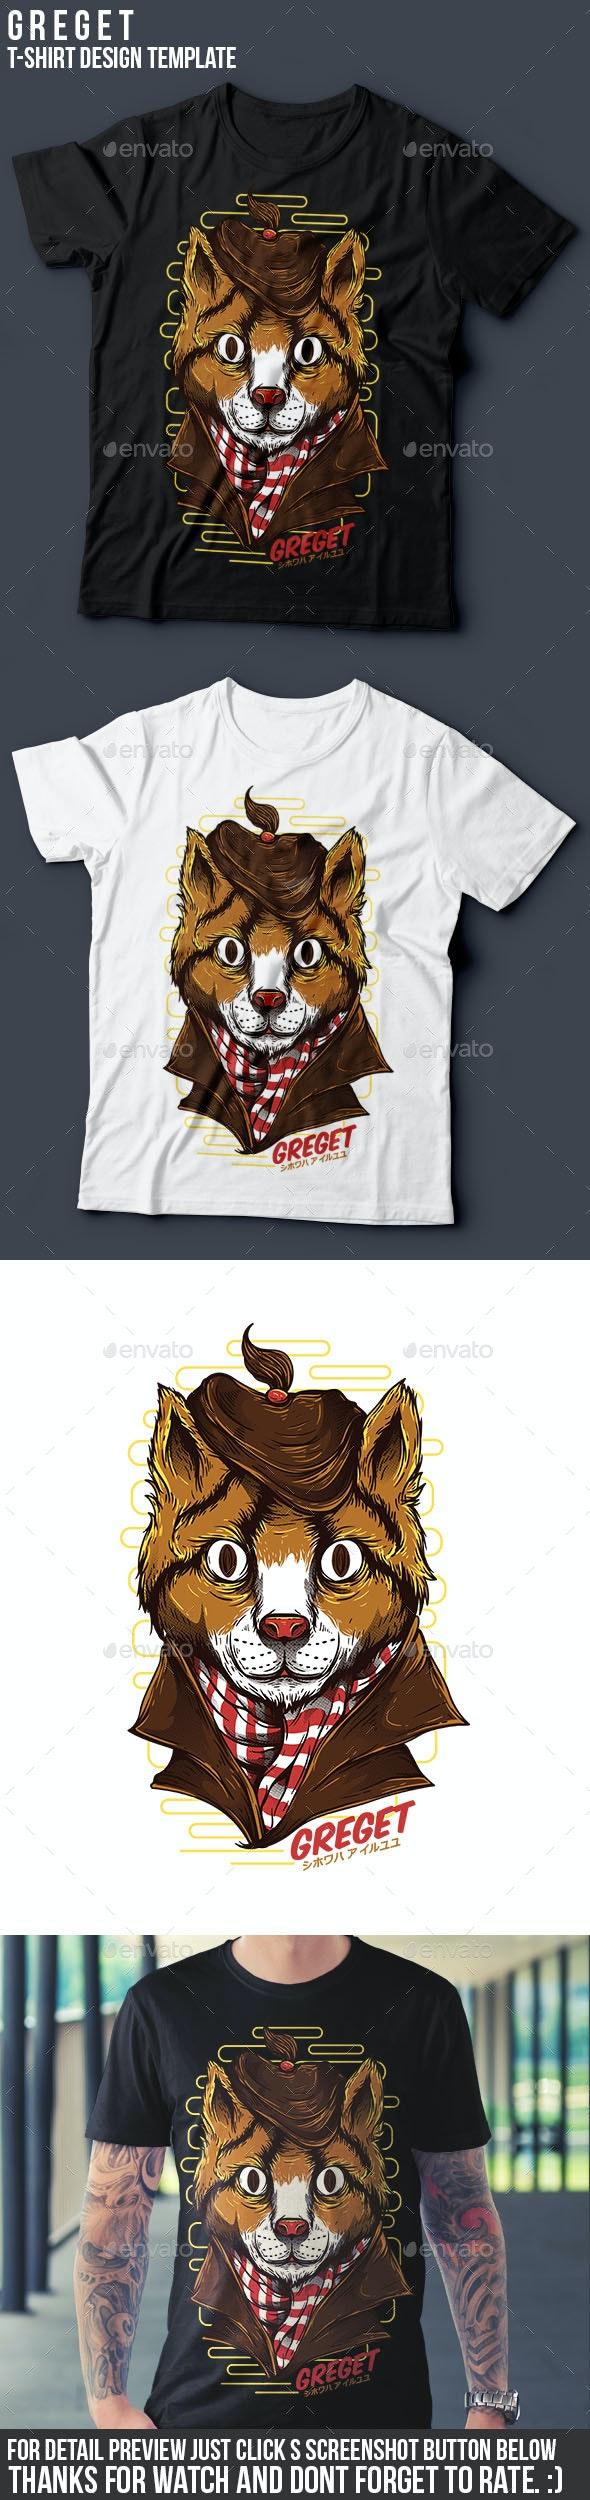 Greget T-Shirt Design - Funny Designs